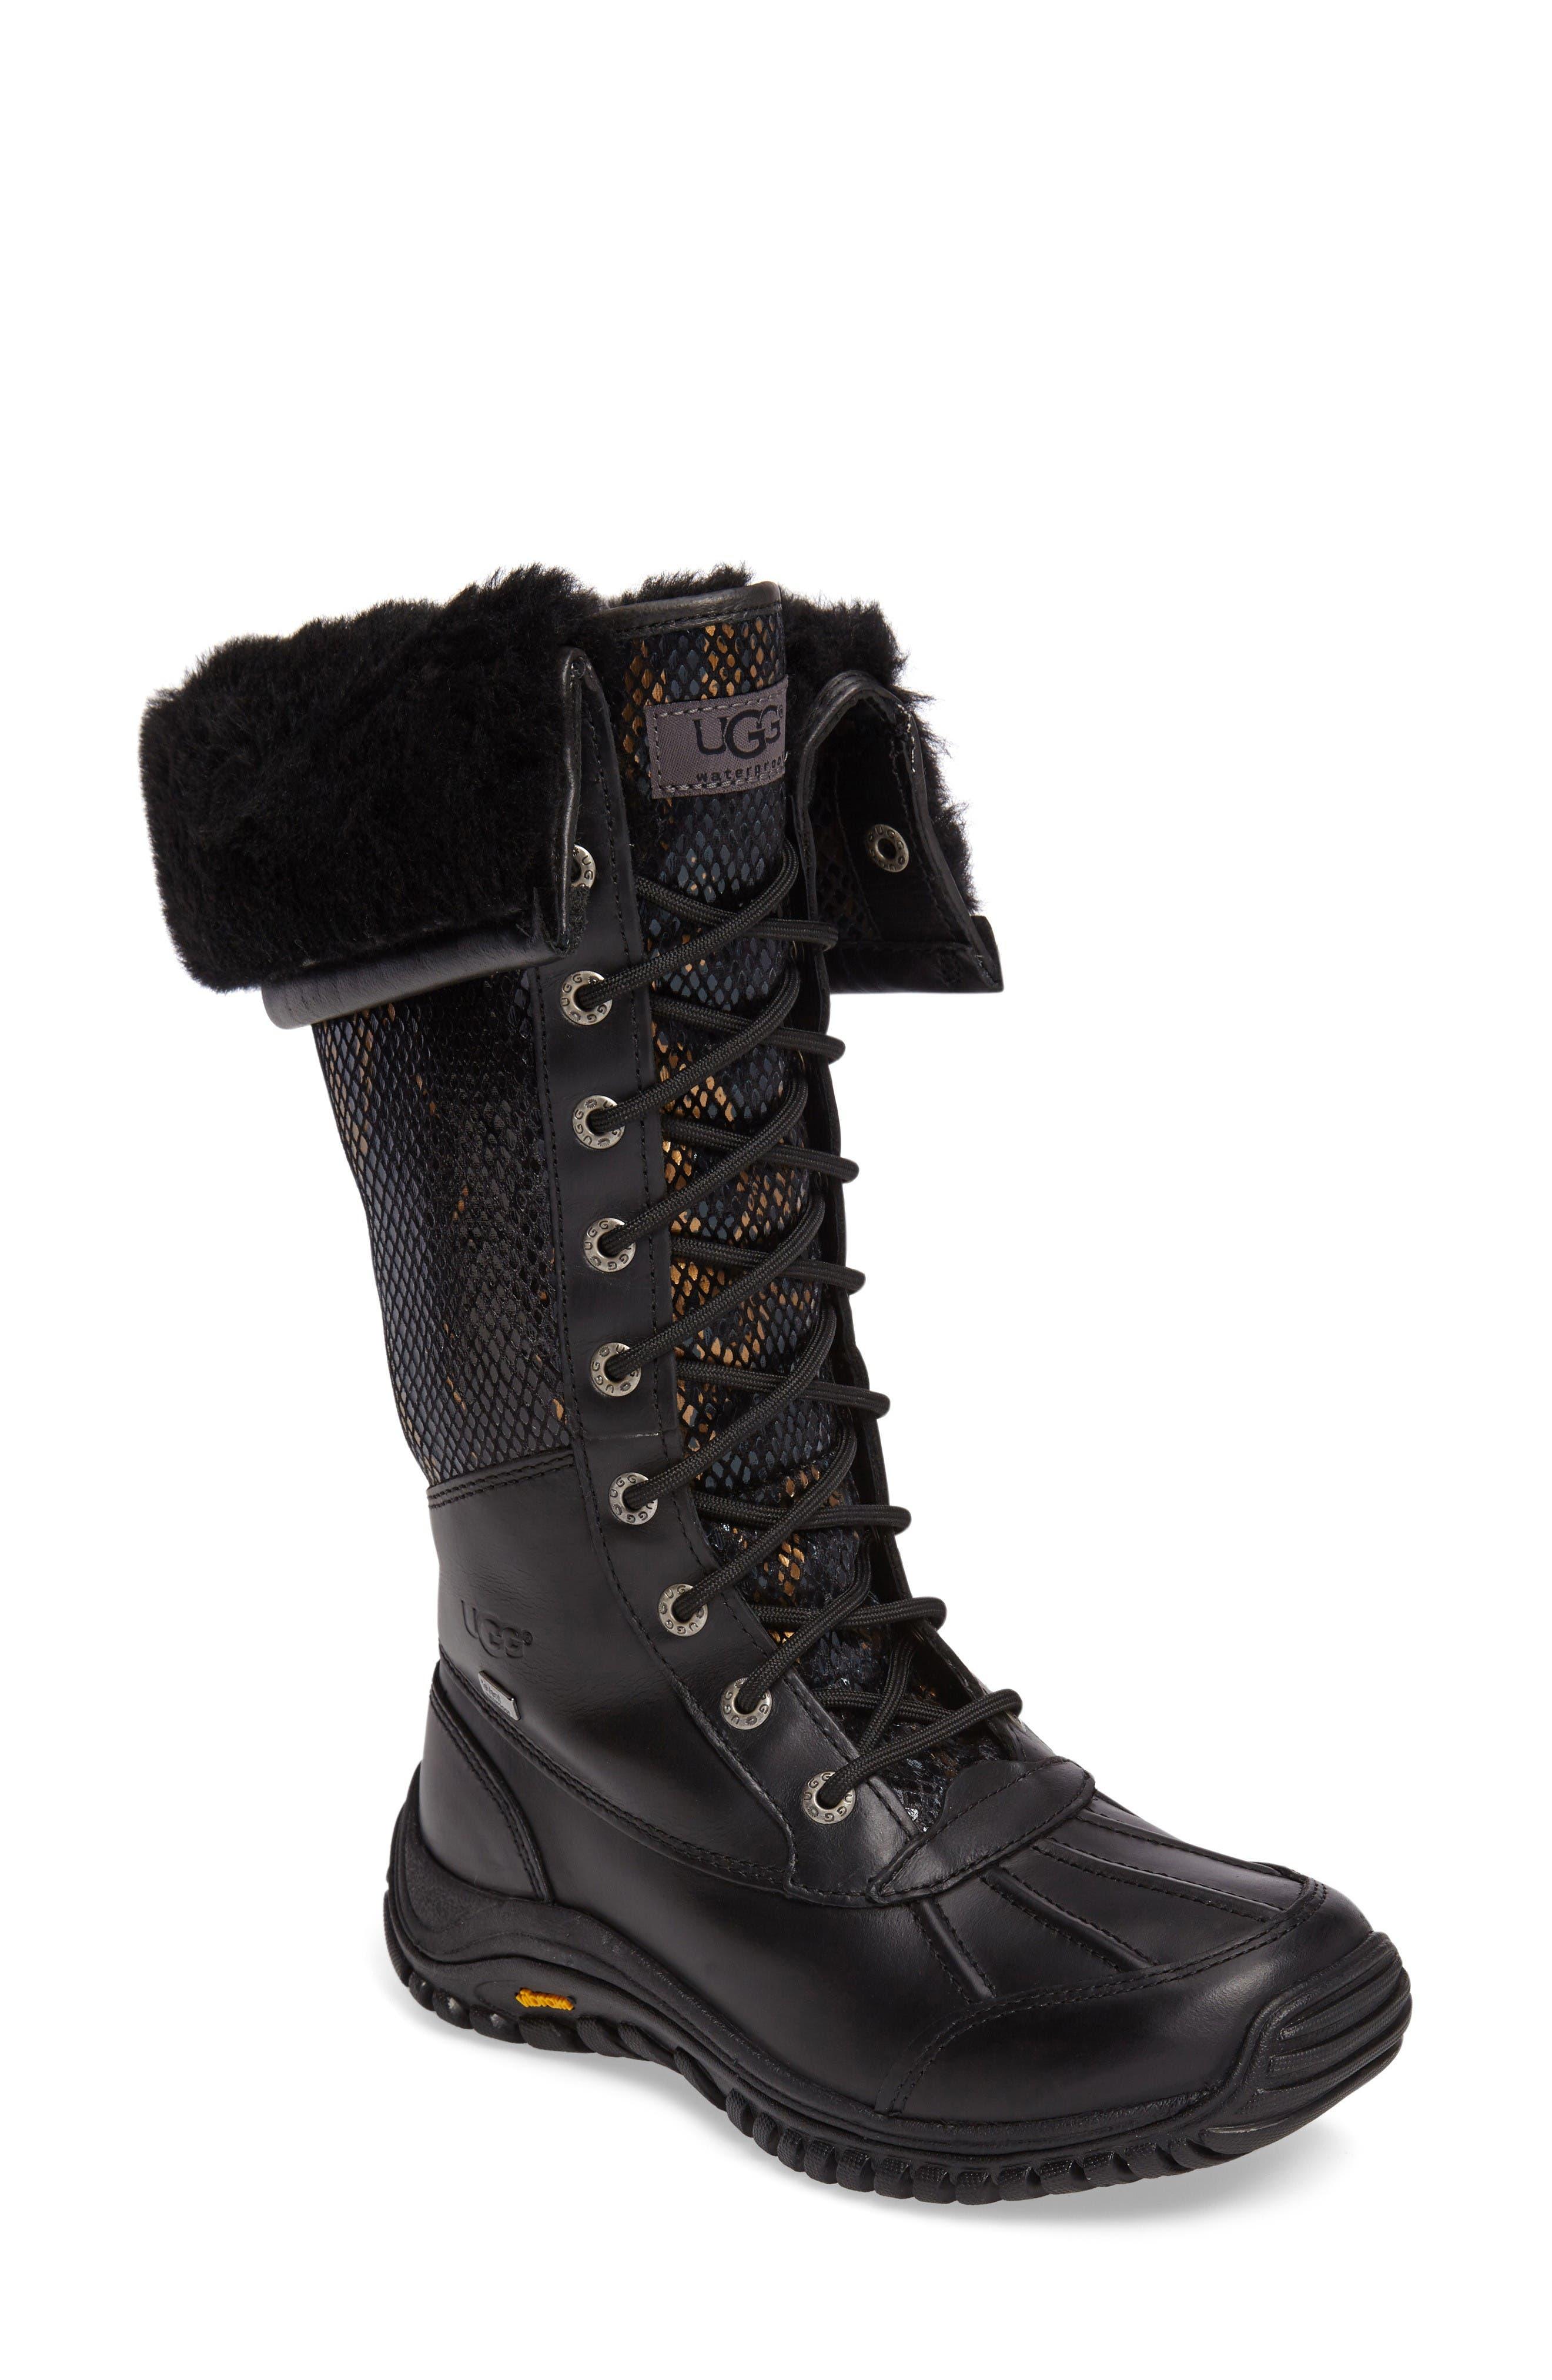 Main Image - UGG® Adirondack Tall Exotic Velvet Waterproof Winter Boot (Women)